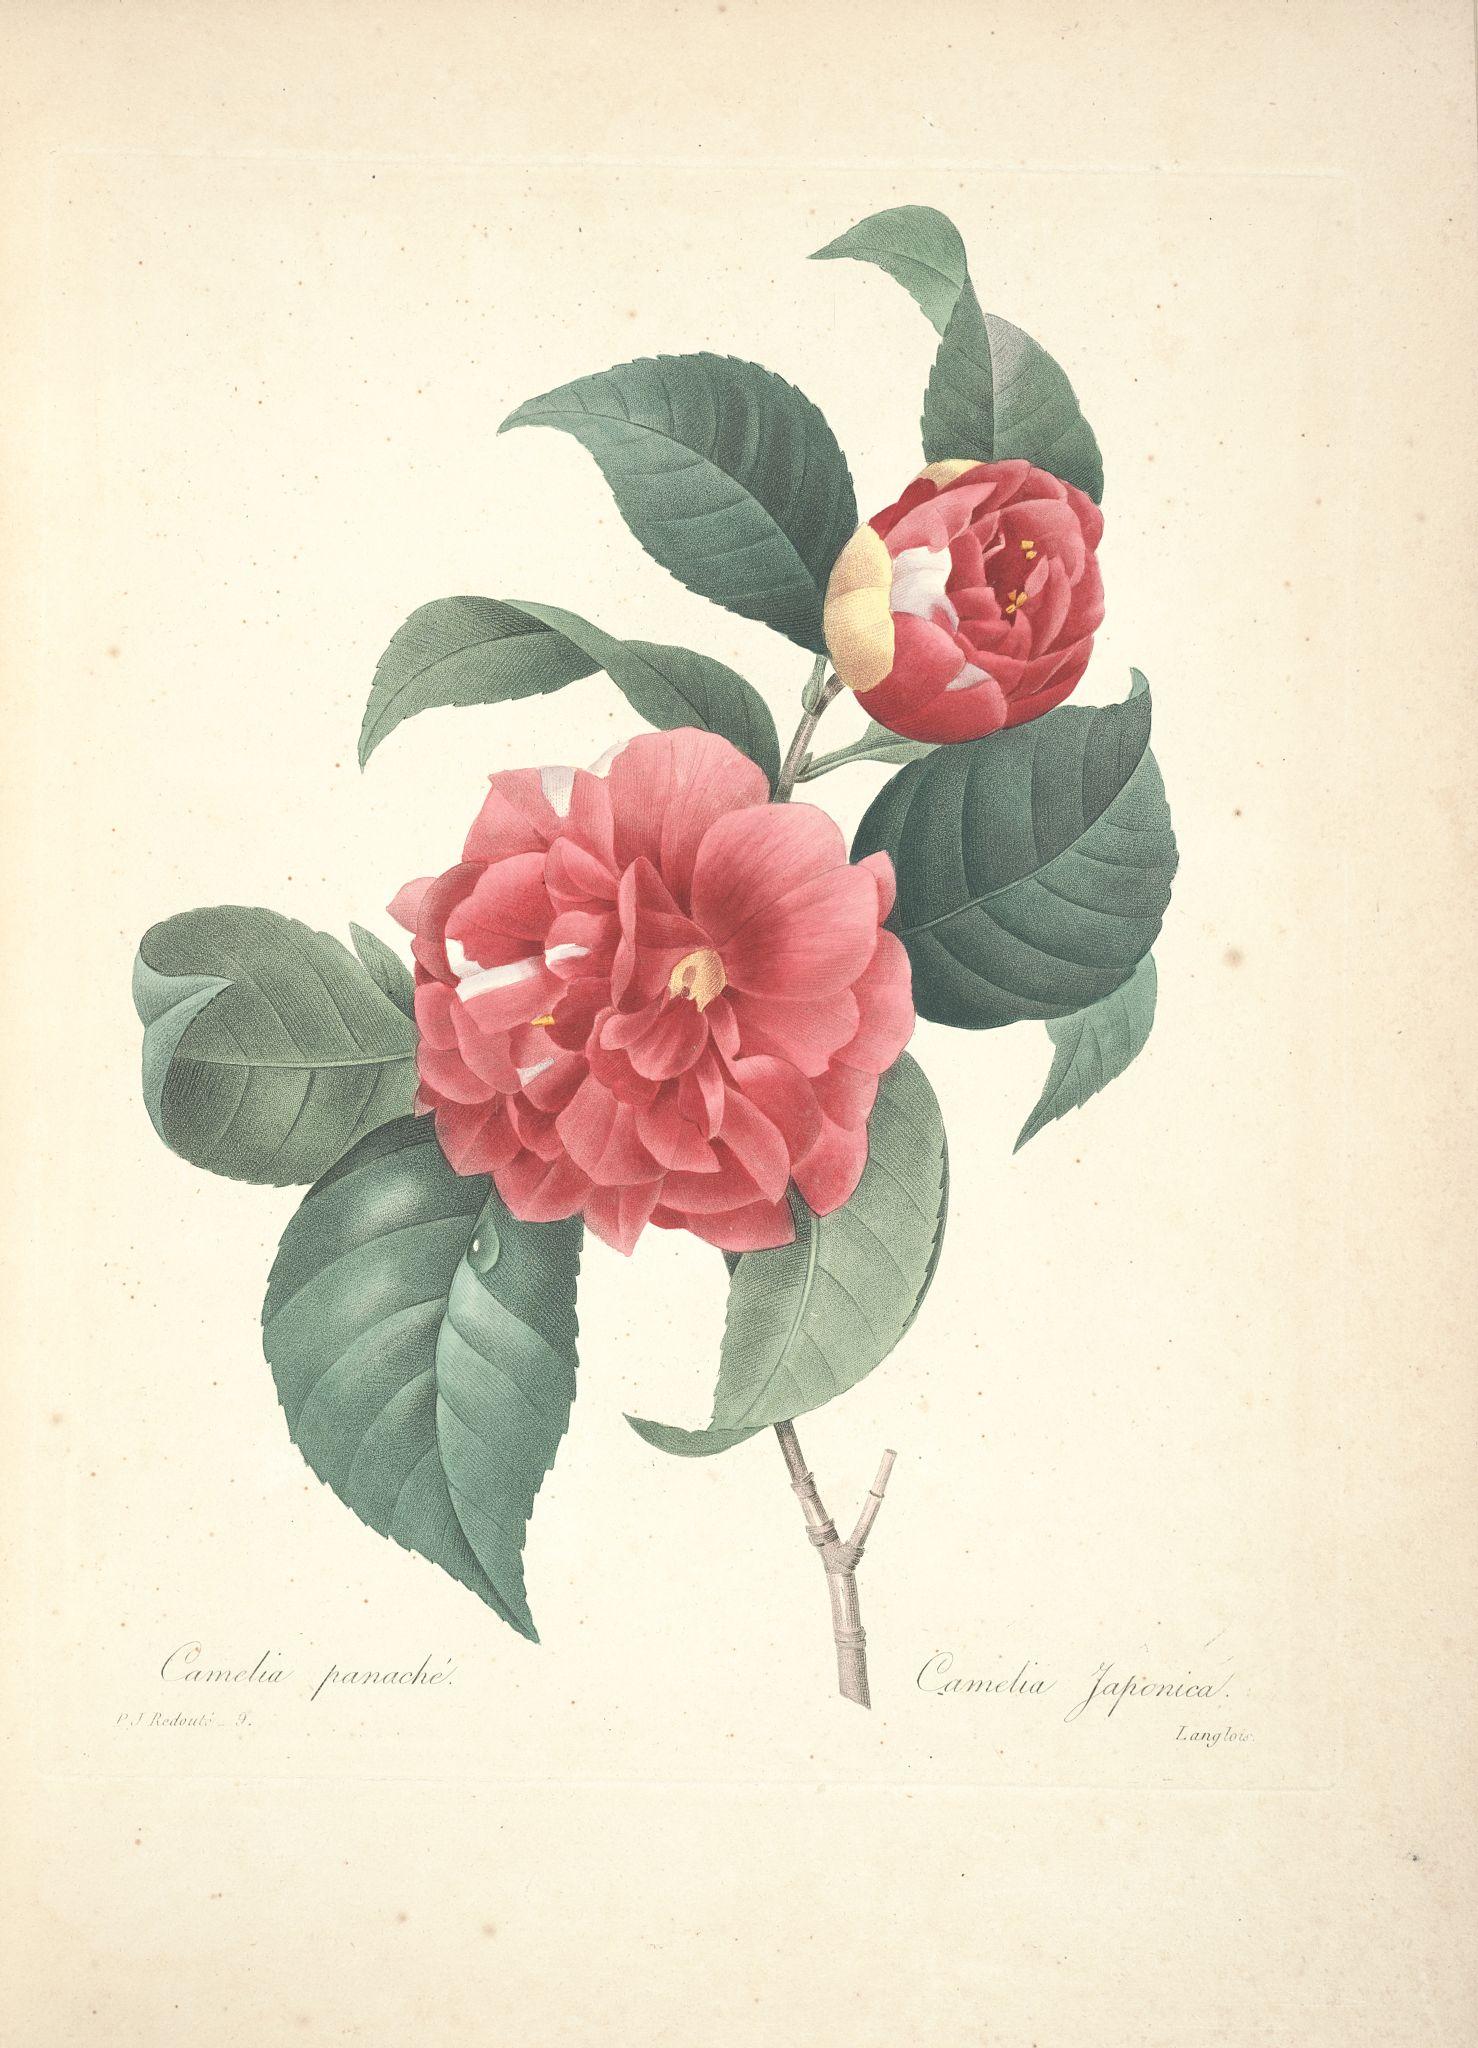 gravures de fleurs par redoute gravures de fleurs par redoute 034 camelia panache camelia. Black Bedroom Furniture Sets. Home Design Ideas